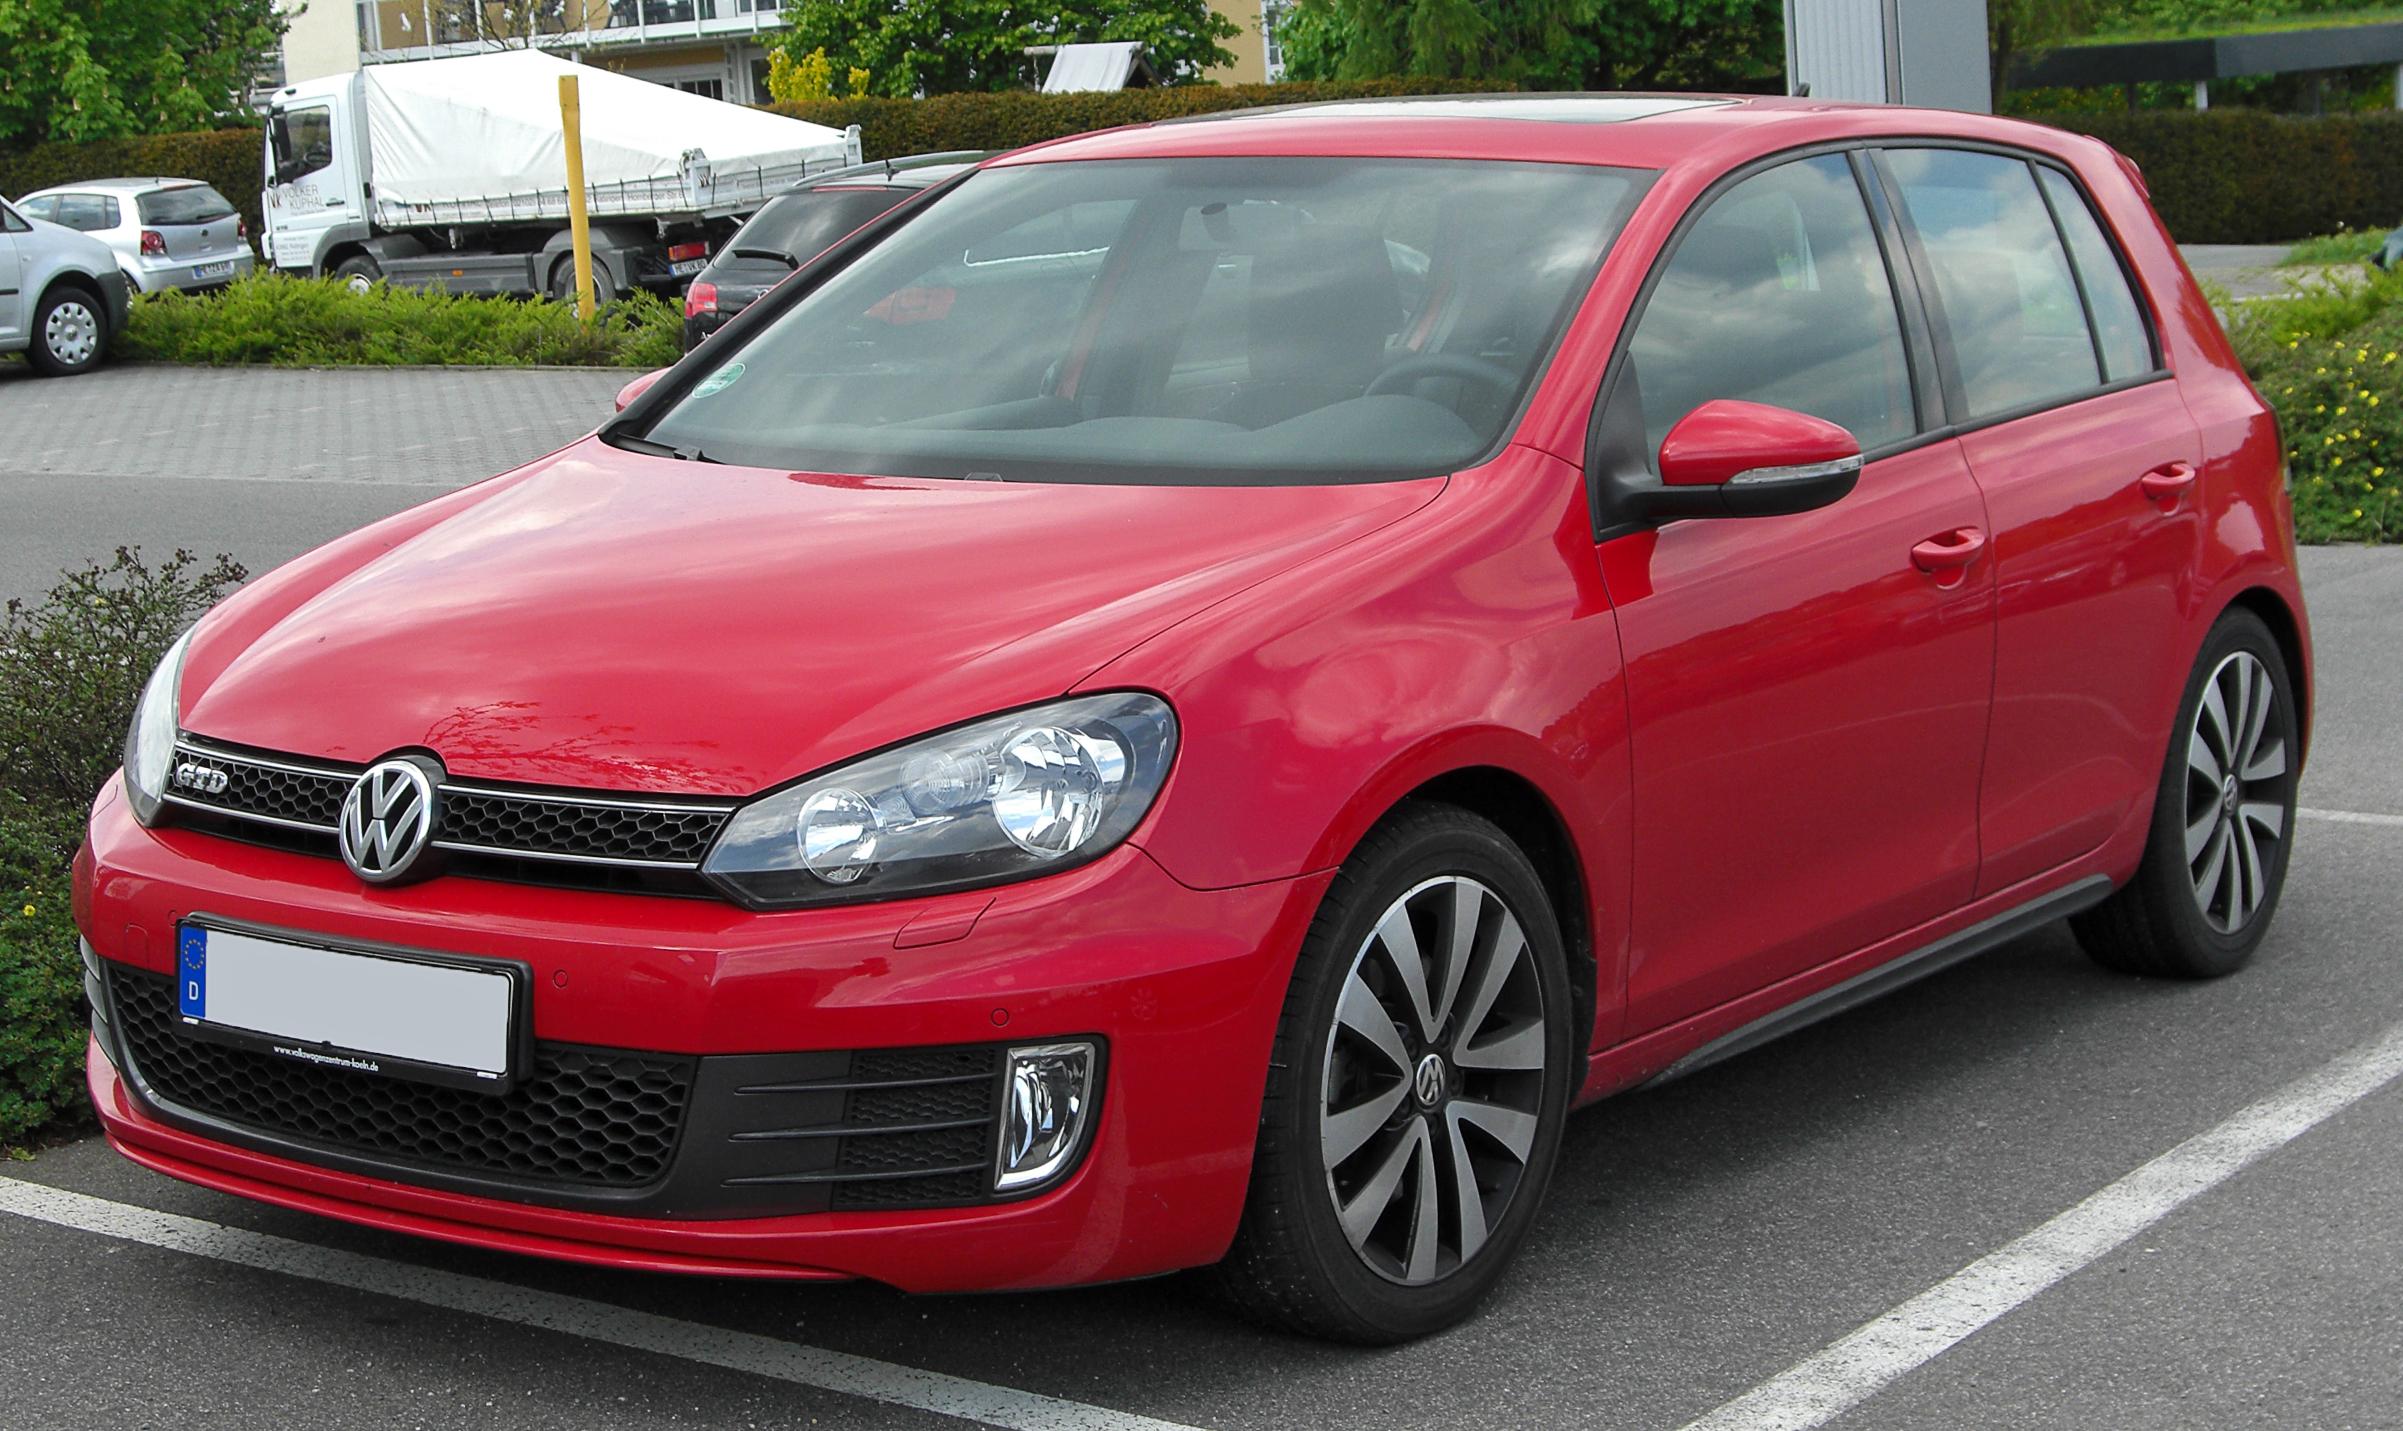 Volkswagen Golf 6 (2009-2012)